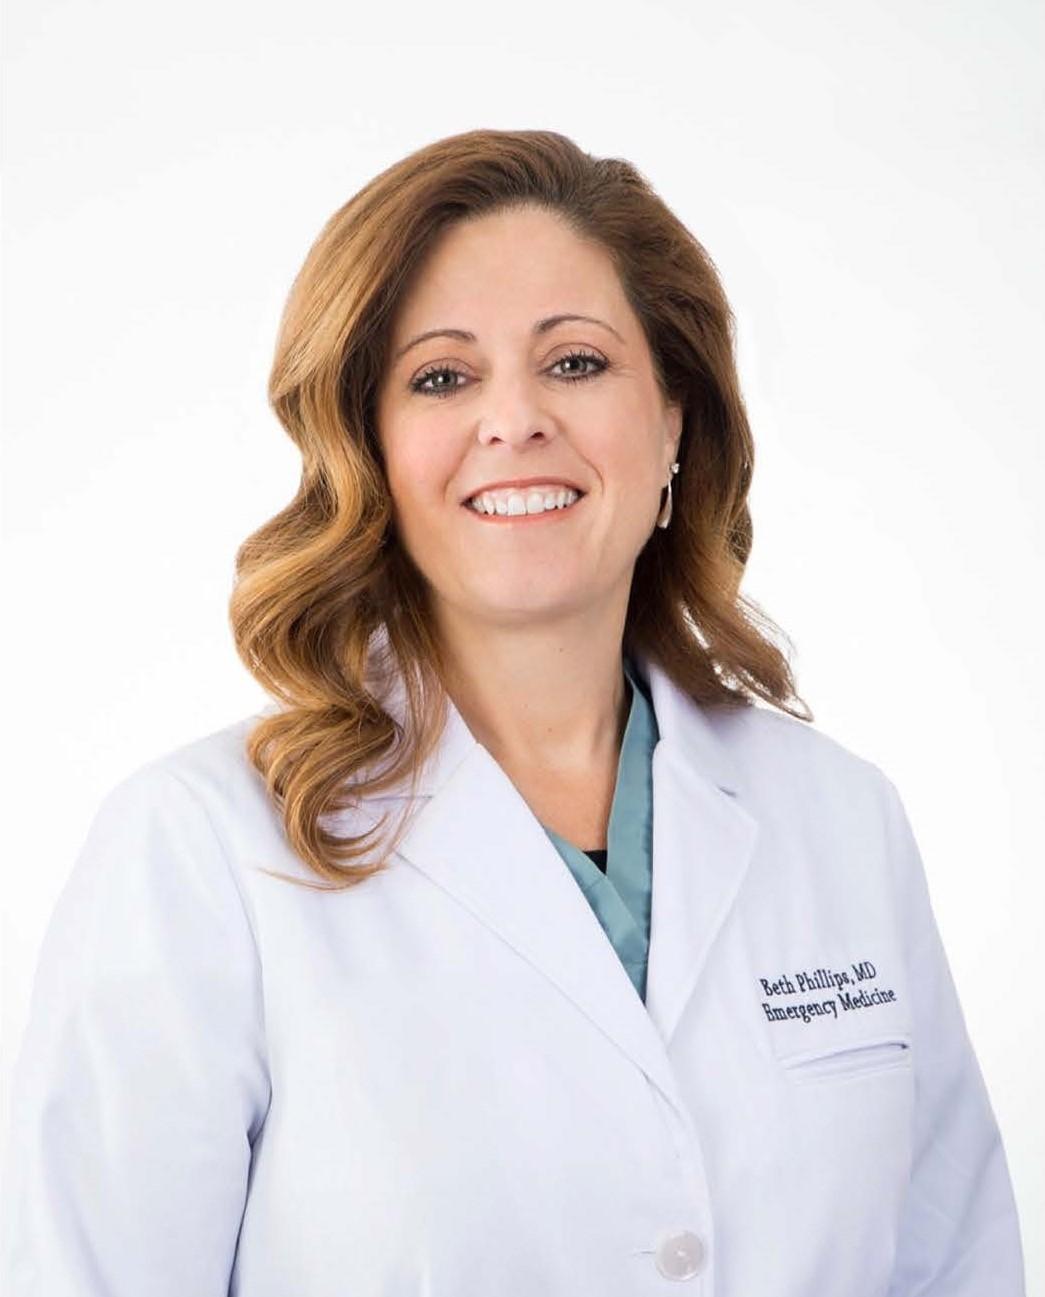 Elizabeth Phillips, MD, FACEP, FAWM